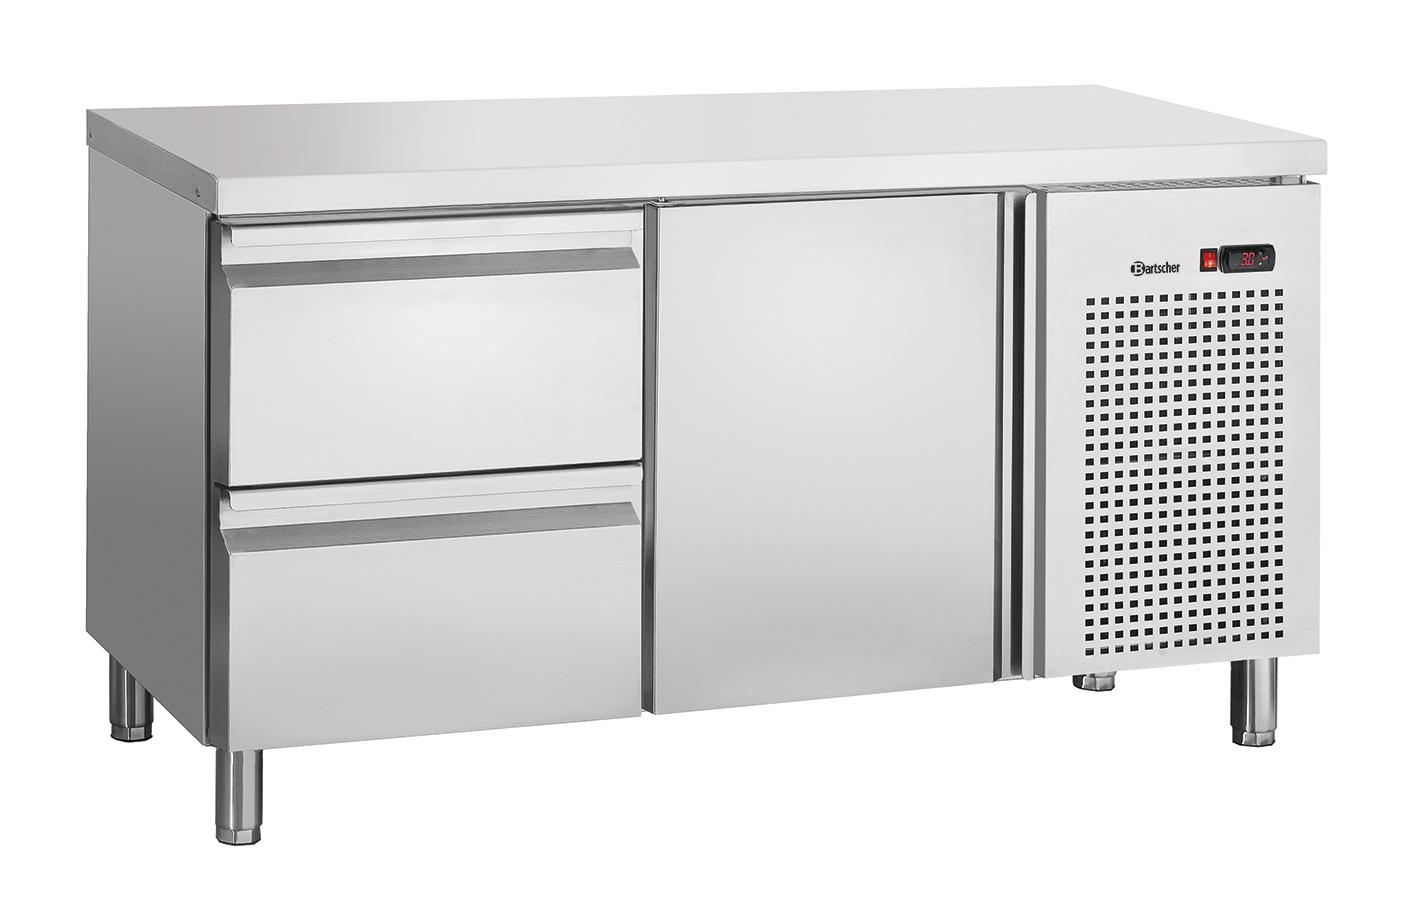 Bartscher Koeltafel S2T1-150 - 1 Deur / 2 Lades - 134 x 70 x 85 cm - RVS